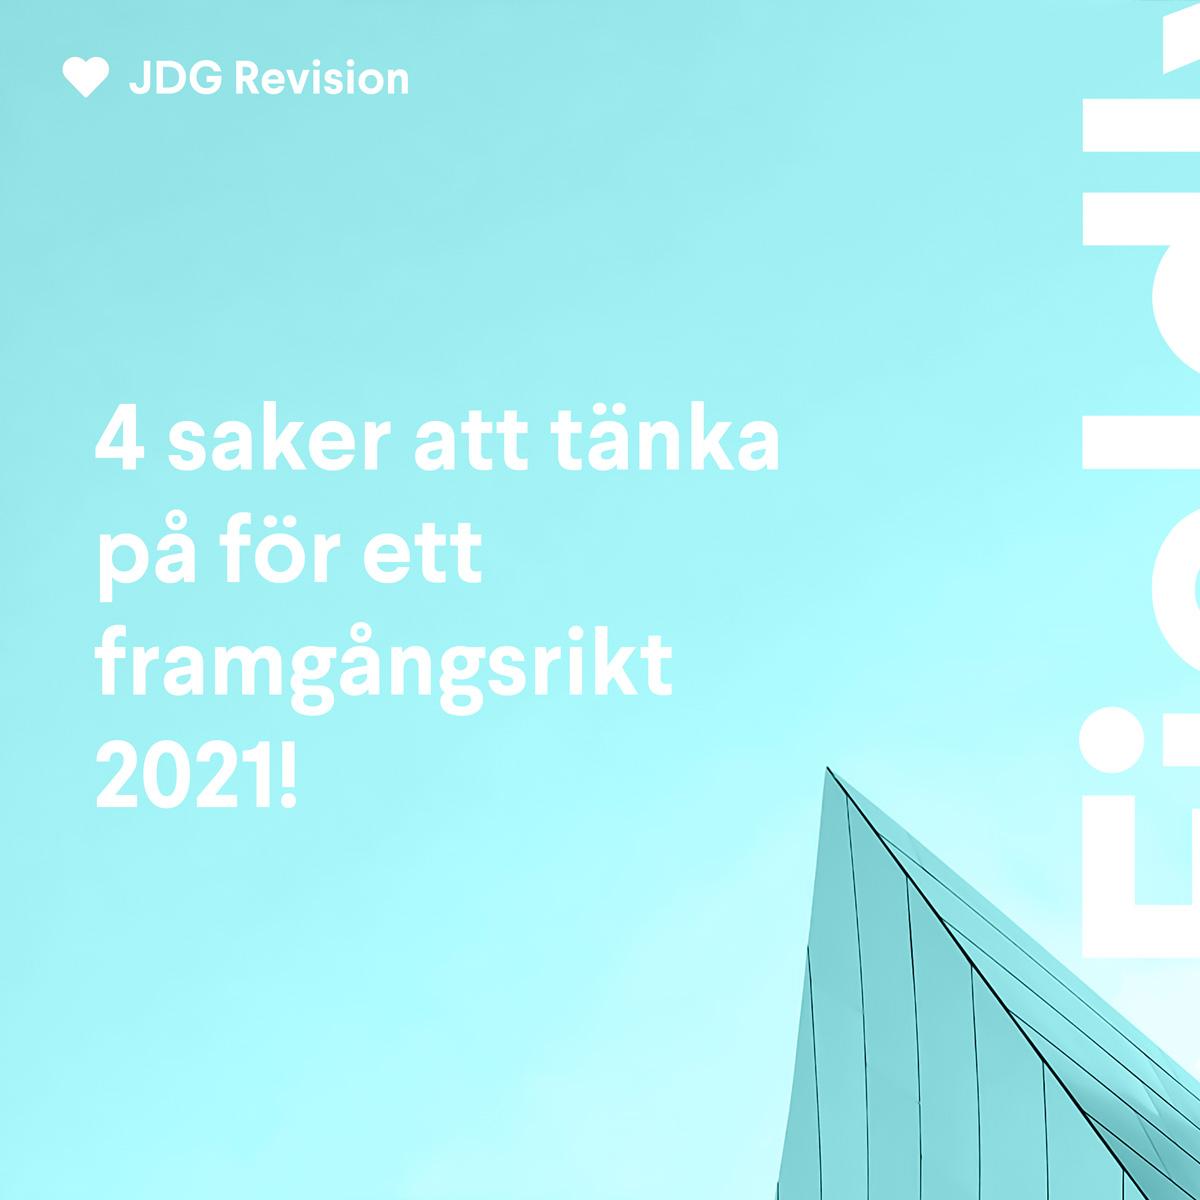 4 saker att tänka på för ett framgångsrikt 2021!